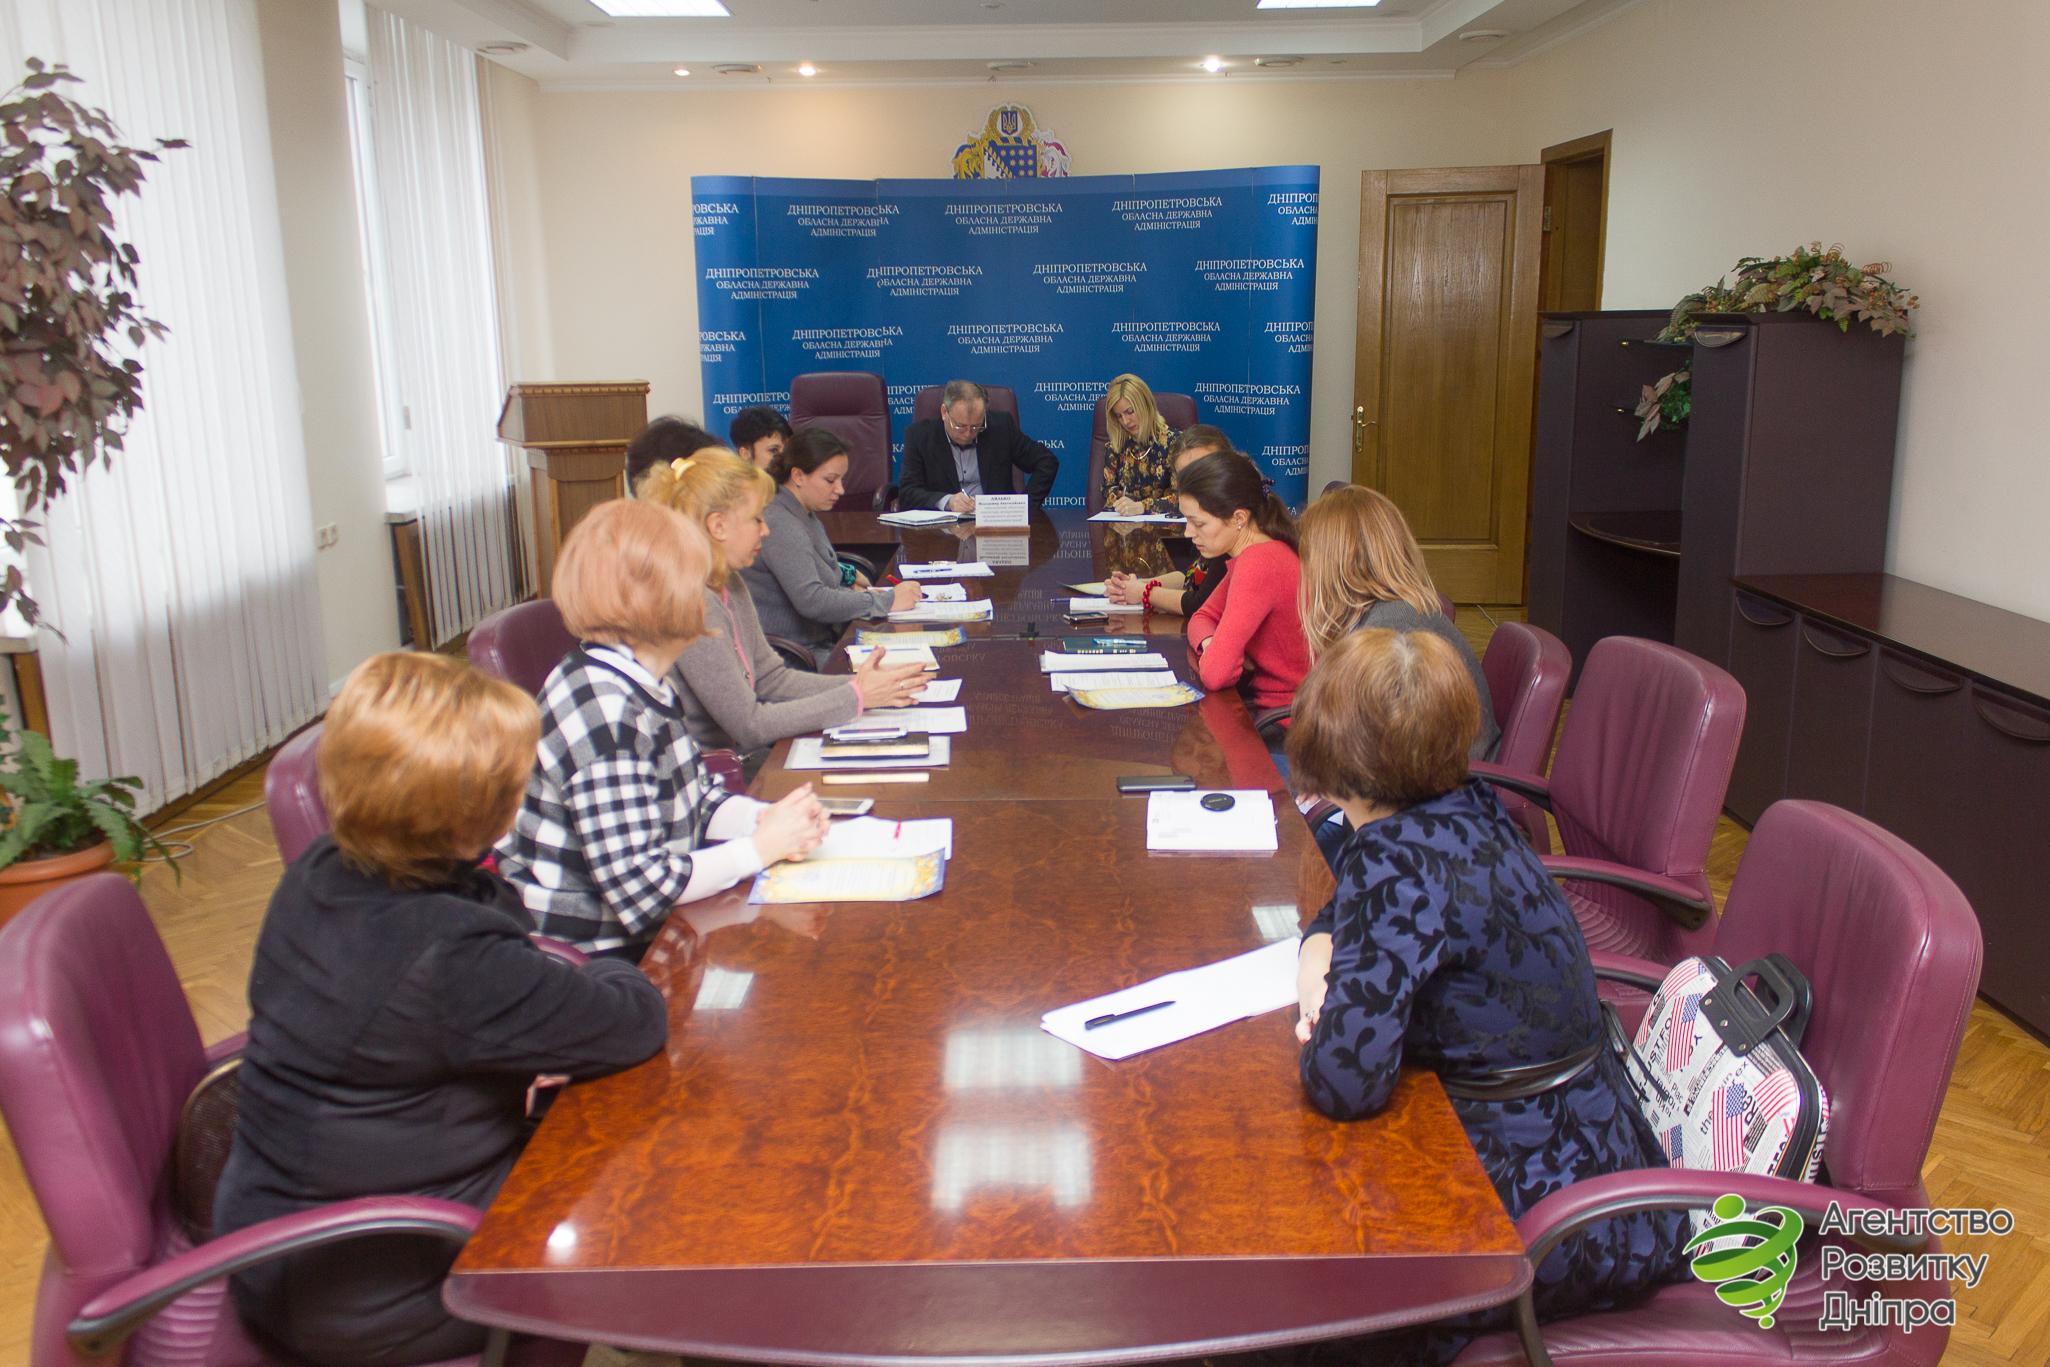 ІІ форум «Туристично-екскурсійна справа як важіль розвитку регіону»